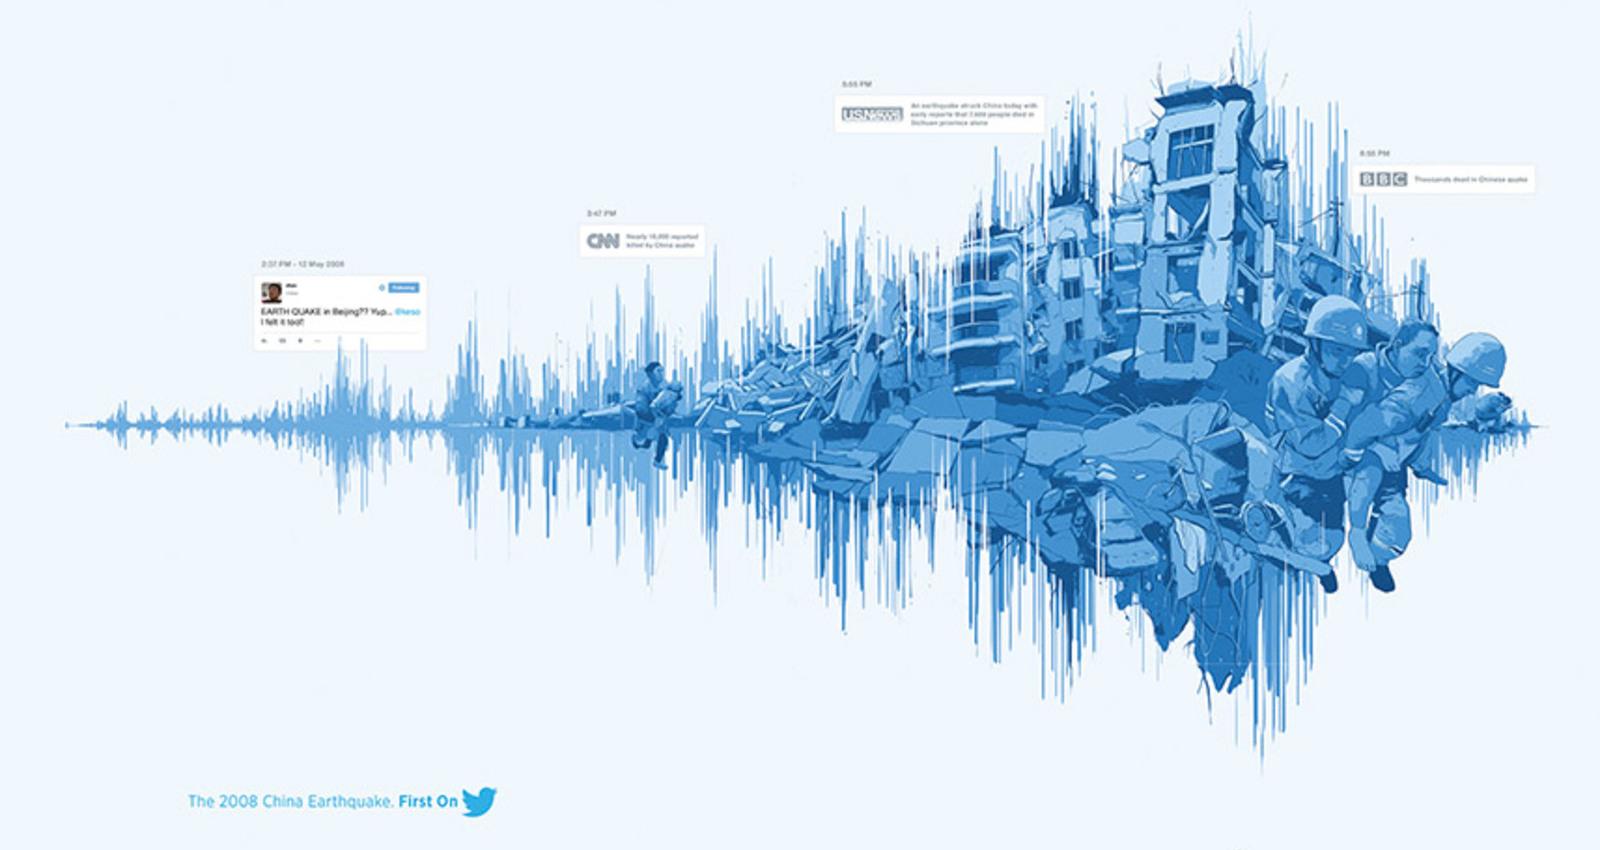 The 2008 China Earthquake